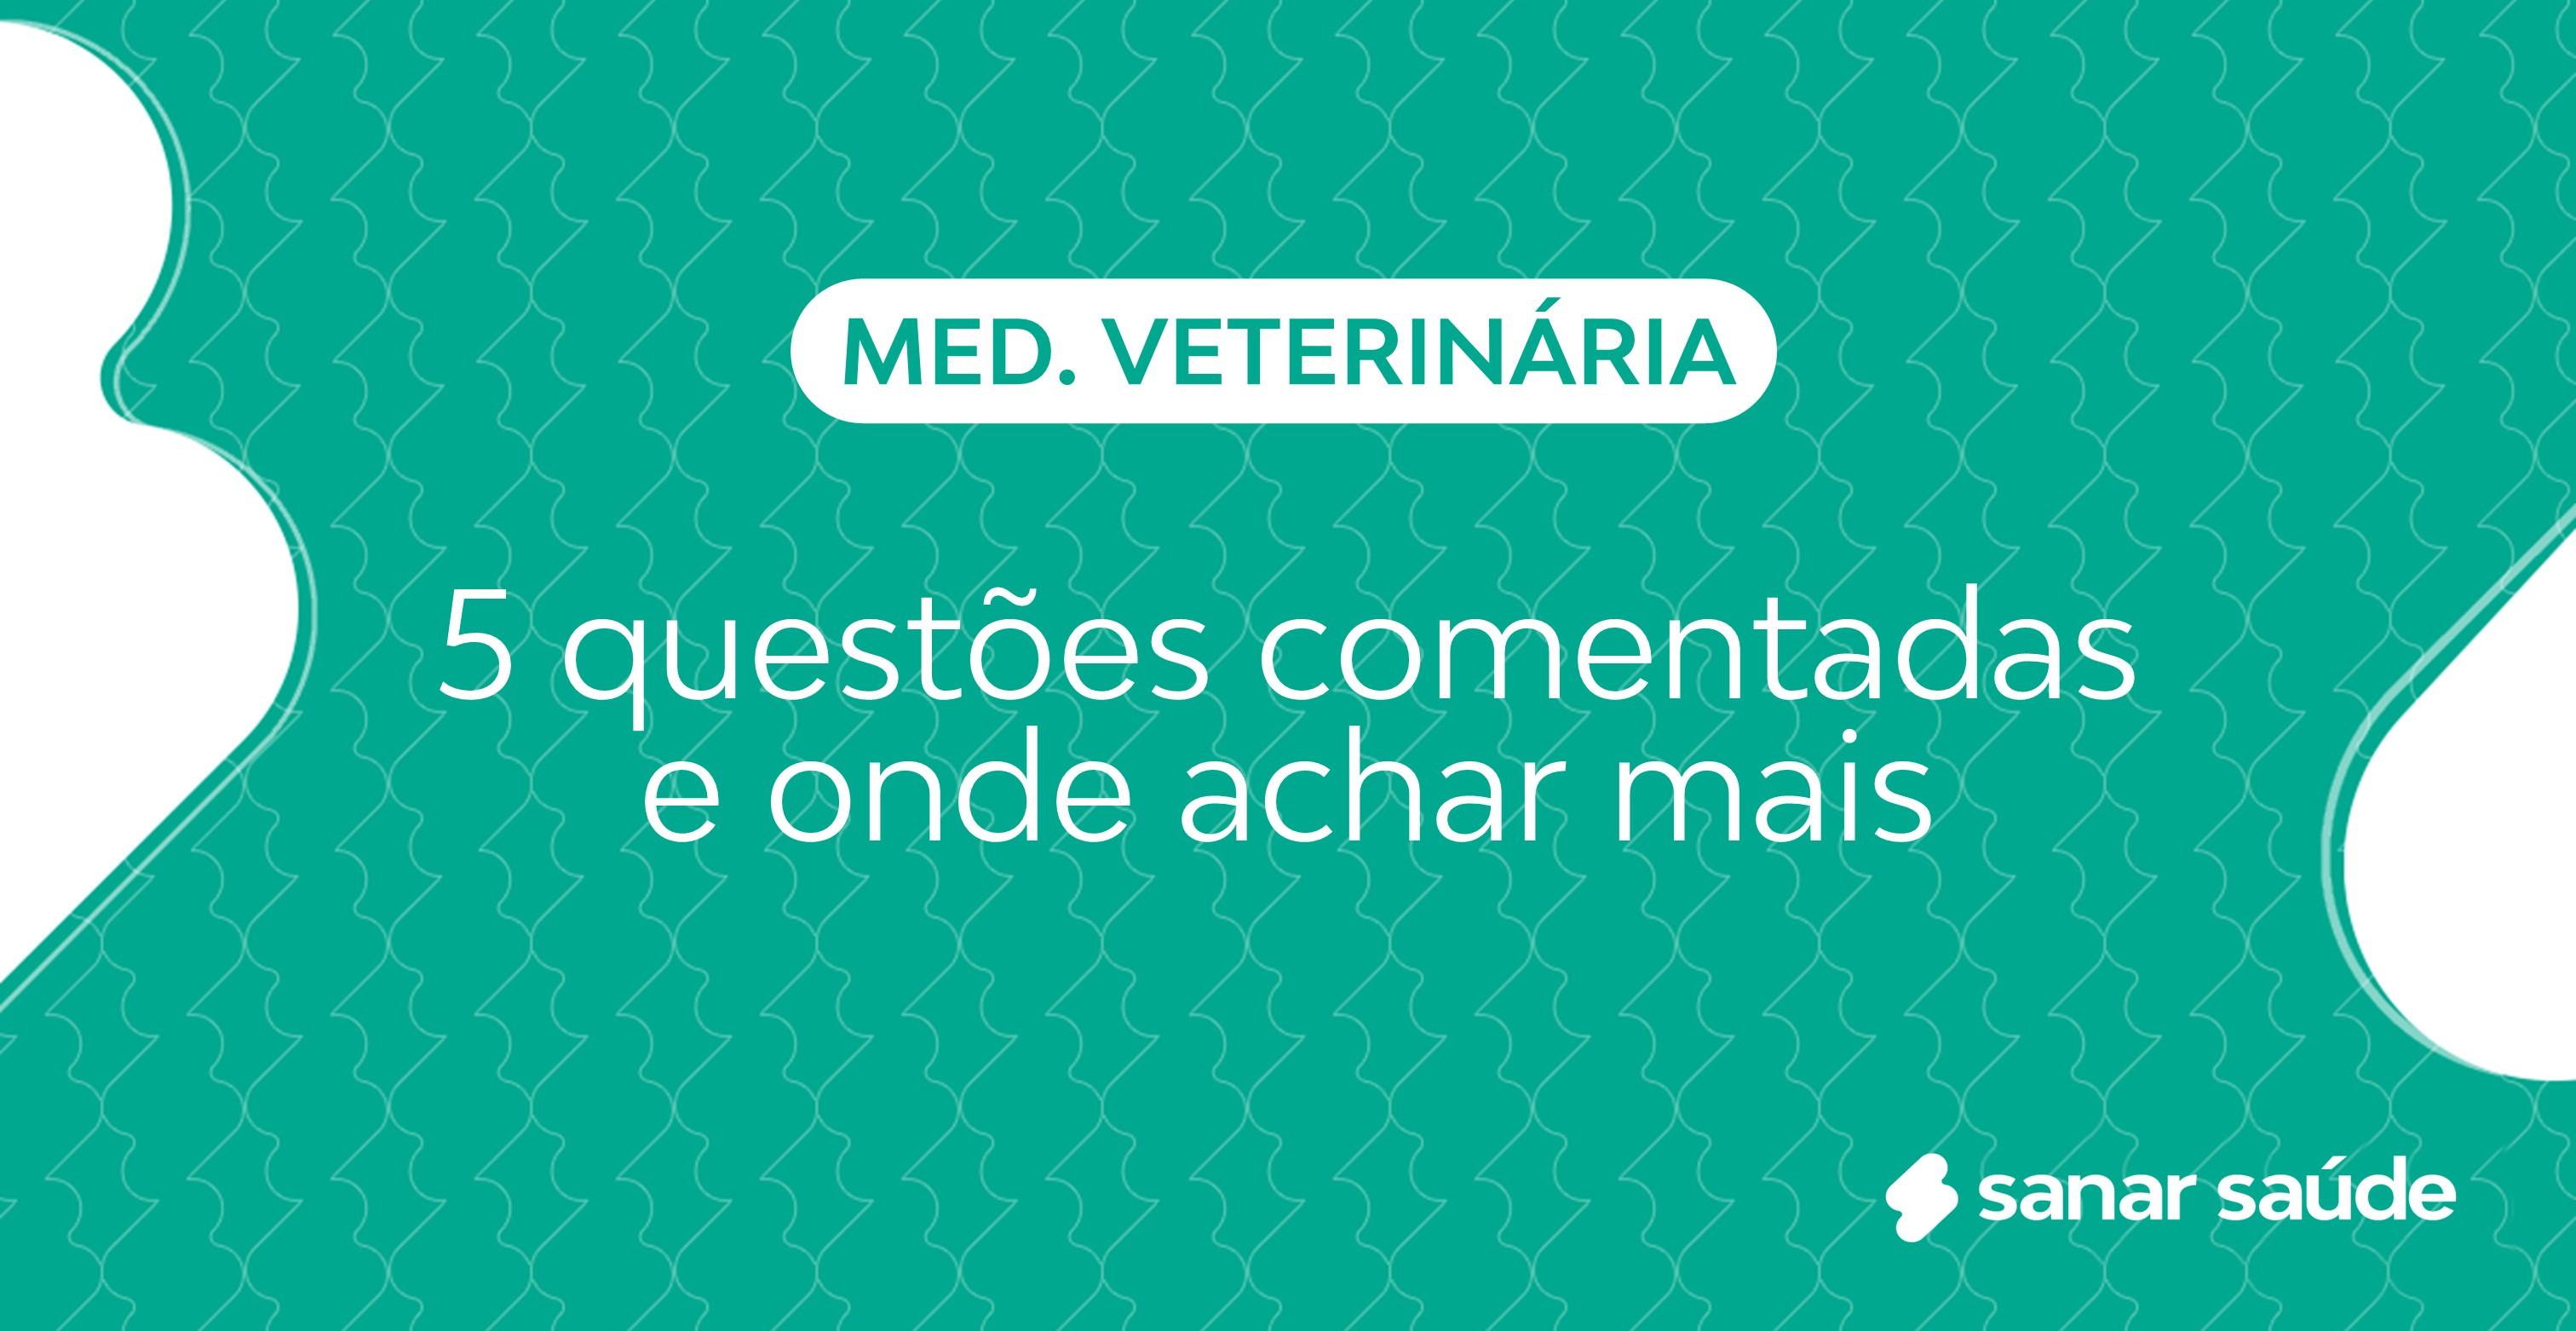 5 questões comentadas de Medicina Veterinária